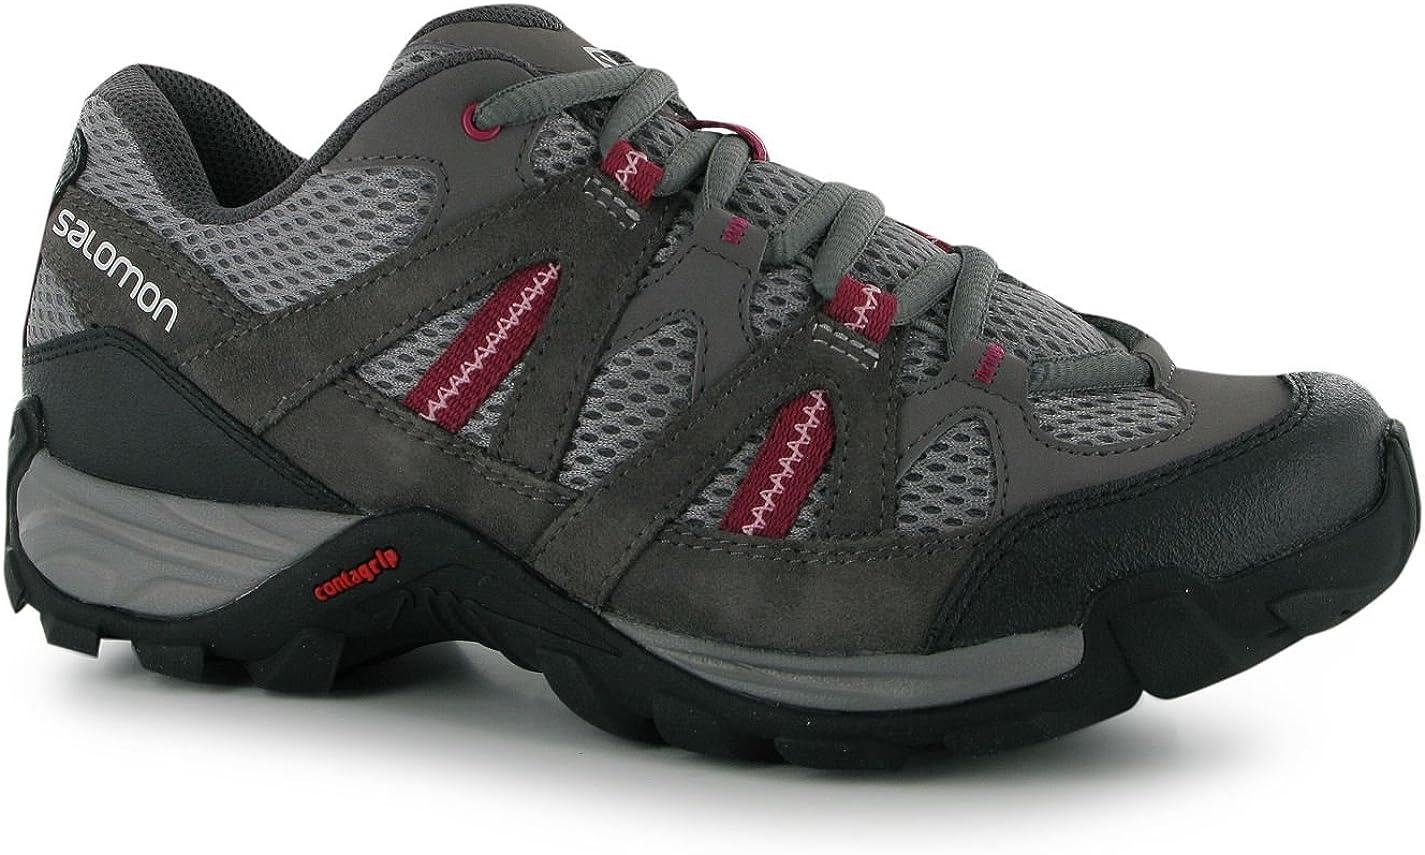 Salomon Aztek Vent Chaussures de marcherandonnéetrekking